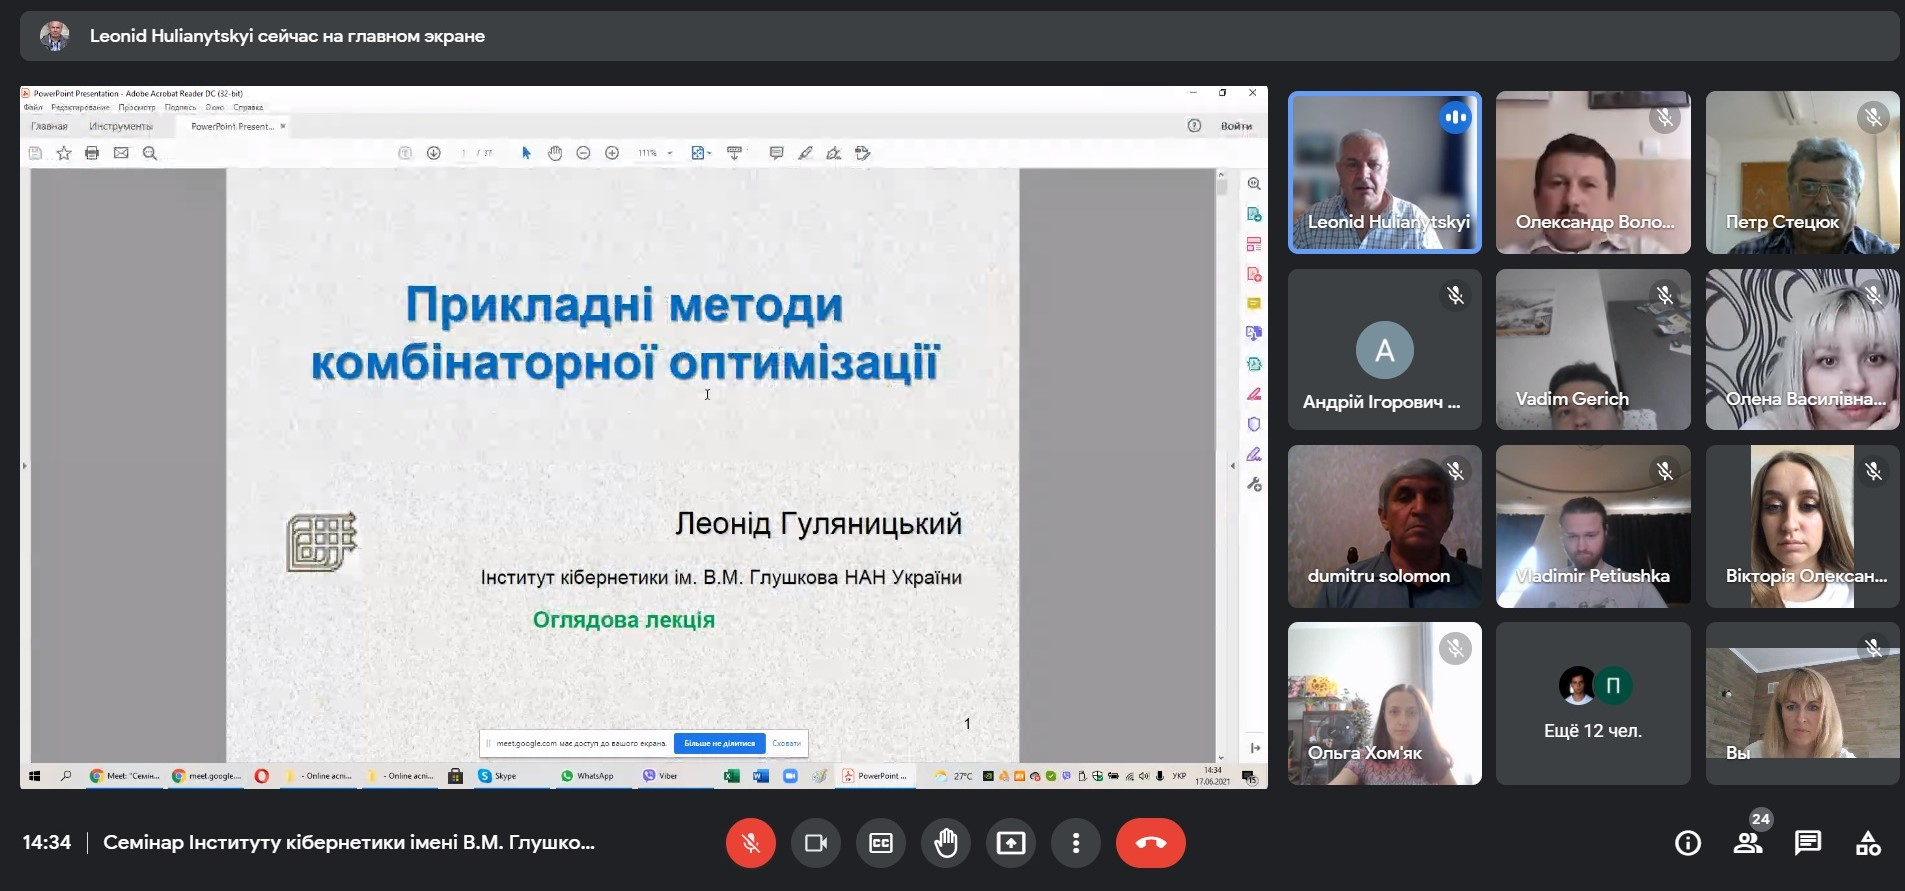 Провідні науковці Інституту кібернетики стали лекторами для студентів та аспірантів Ужгородського університету